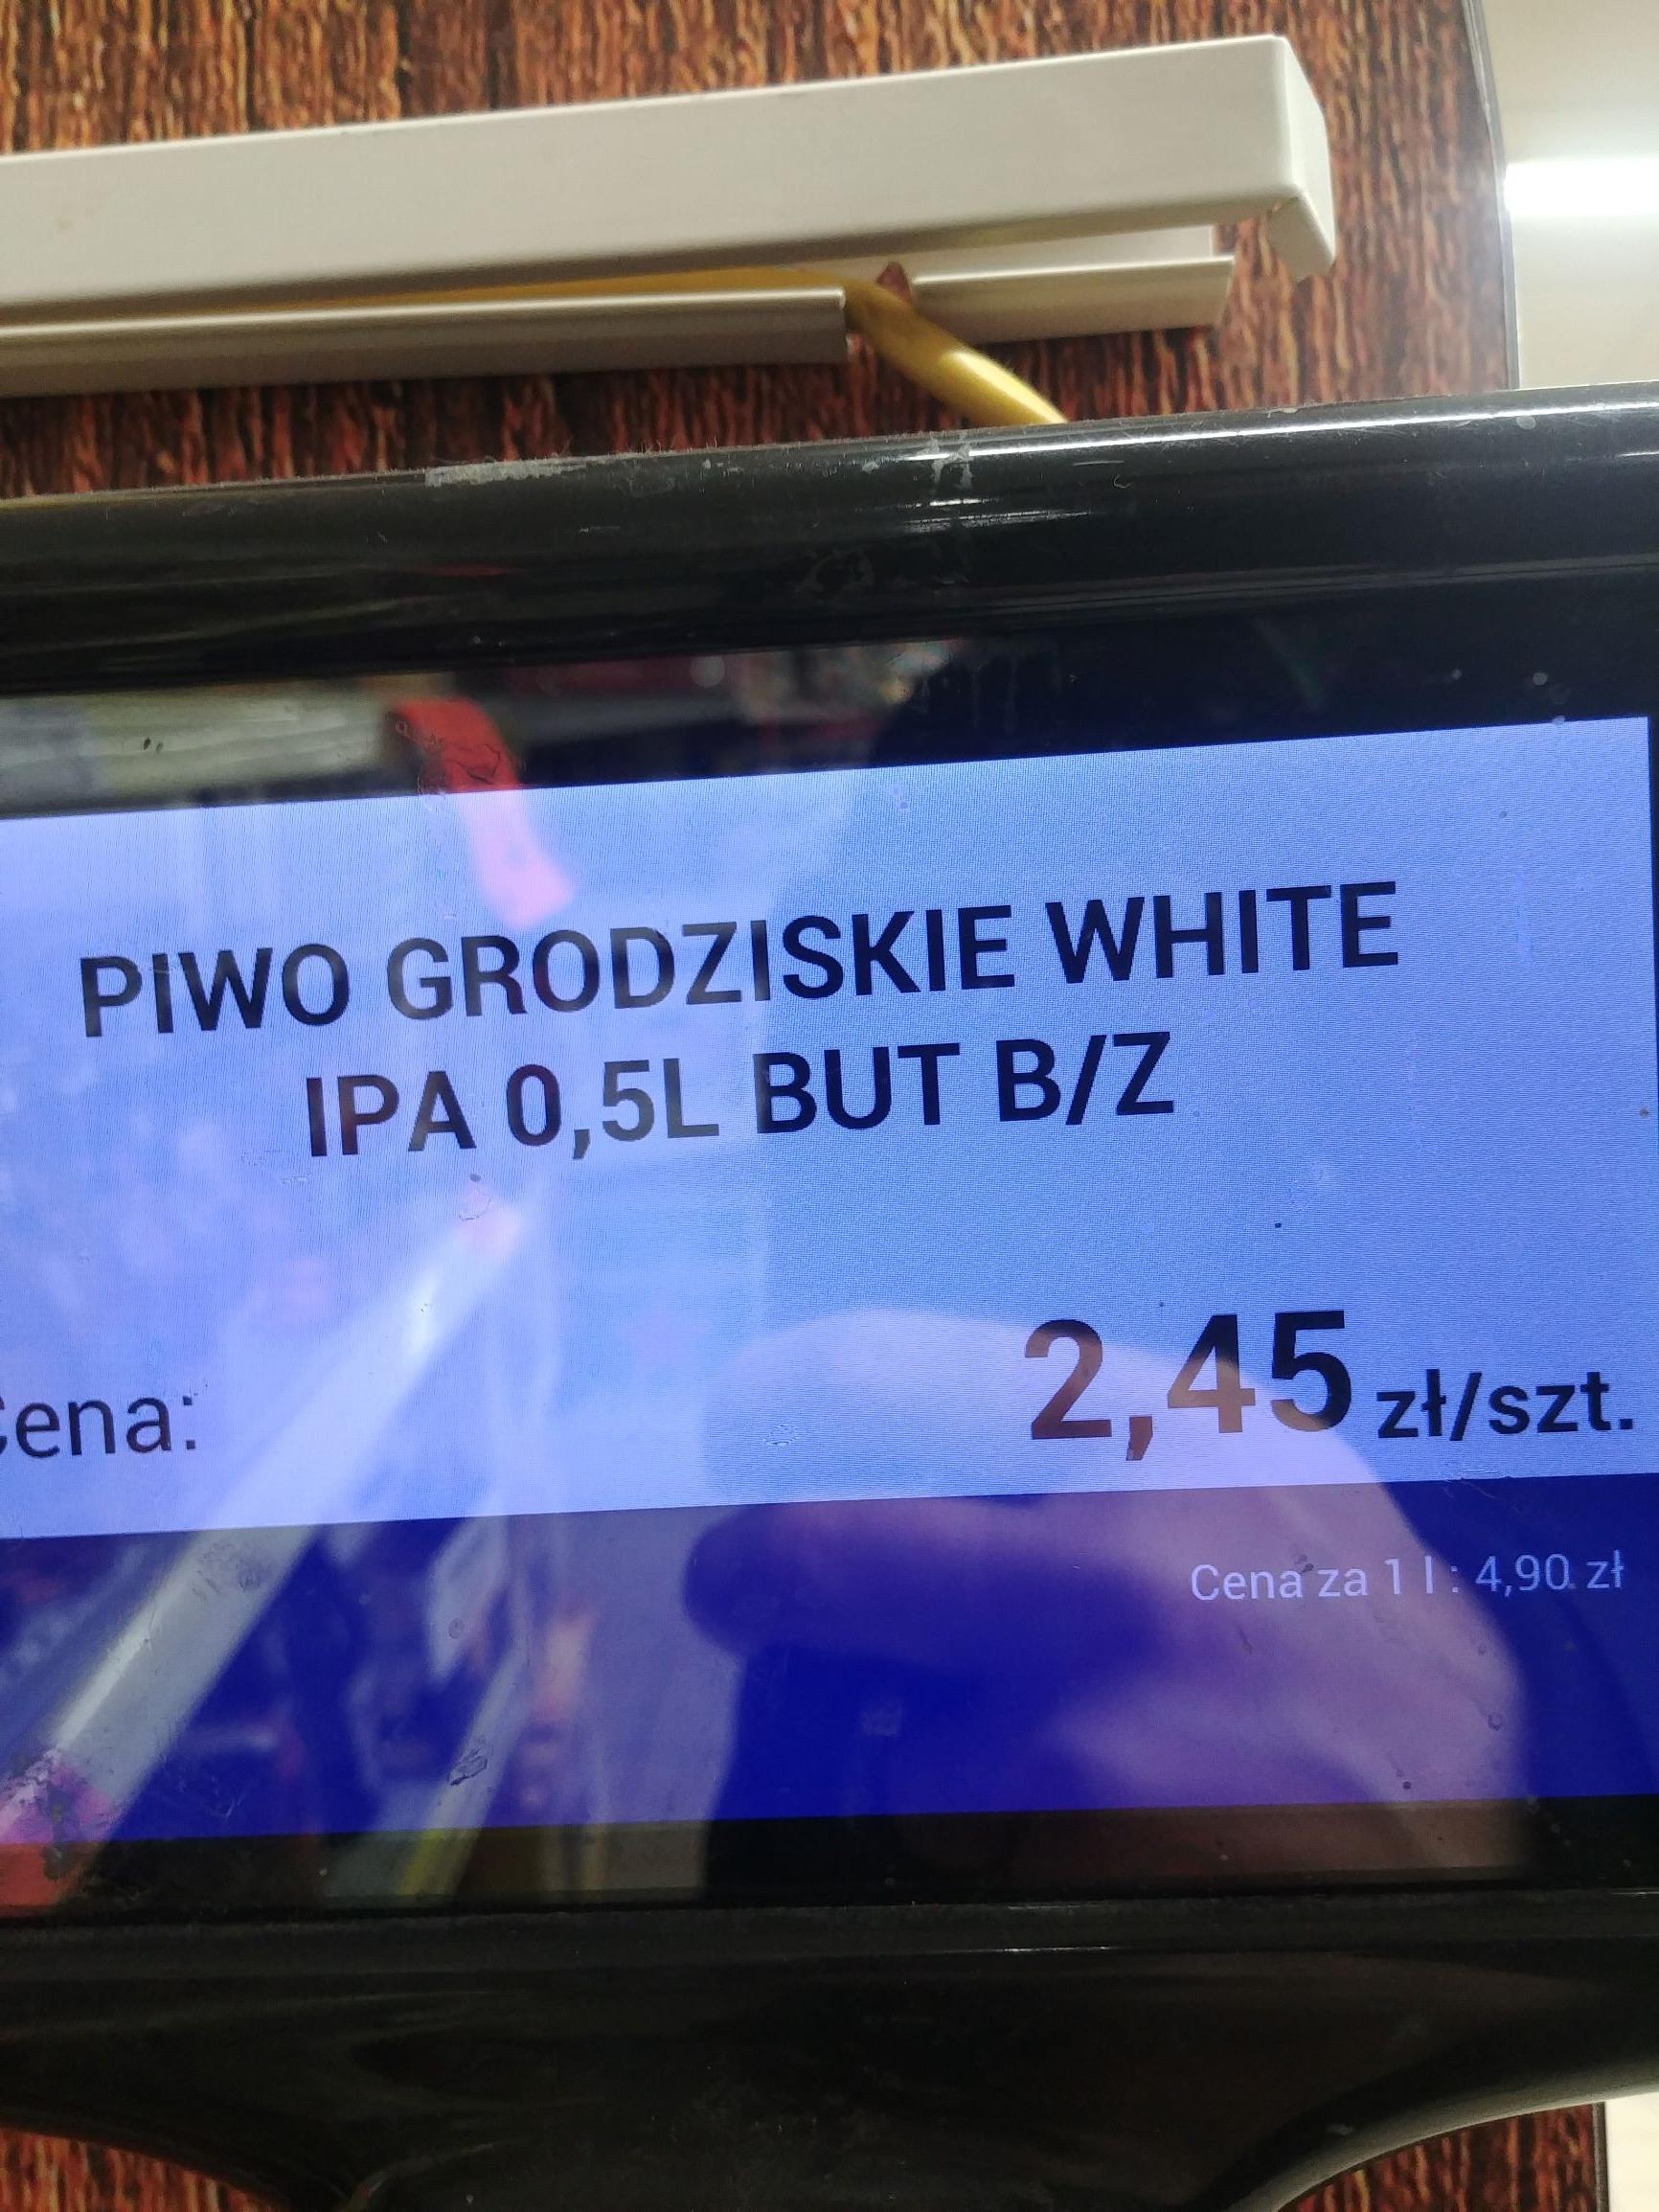 Piwo Grodziskie White IPA 0,5L  2,45 zł  Biedronka